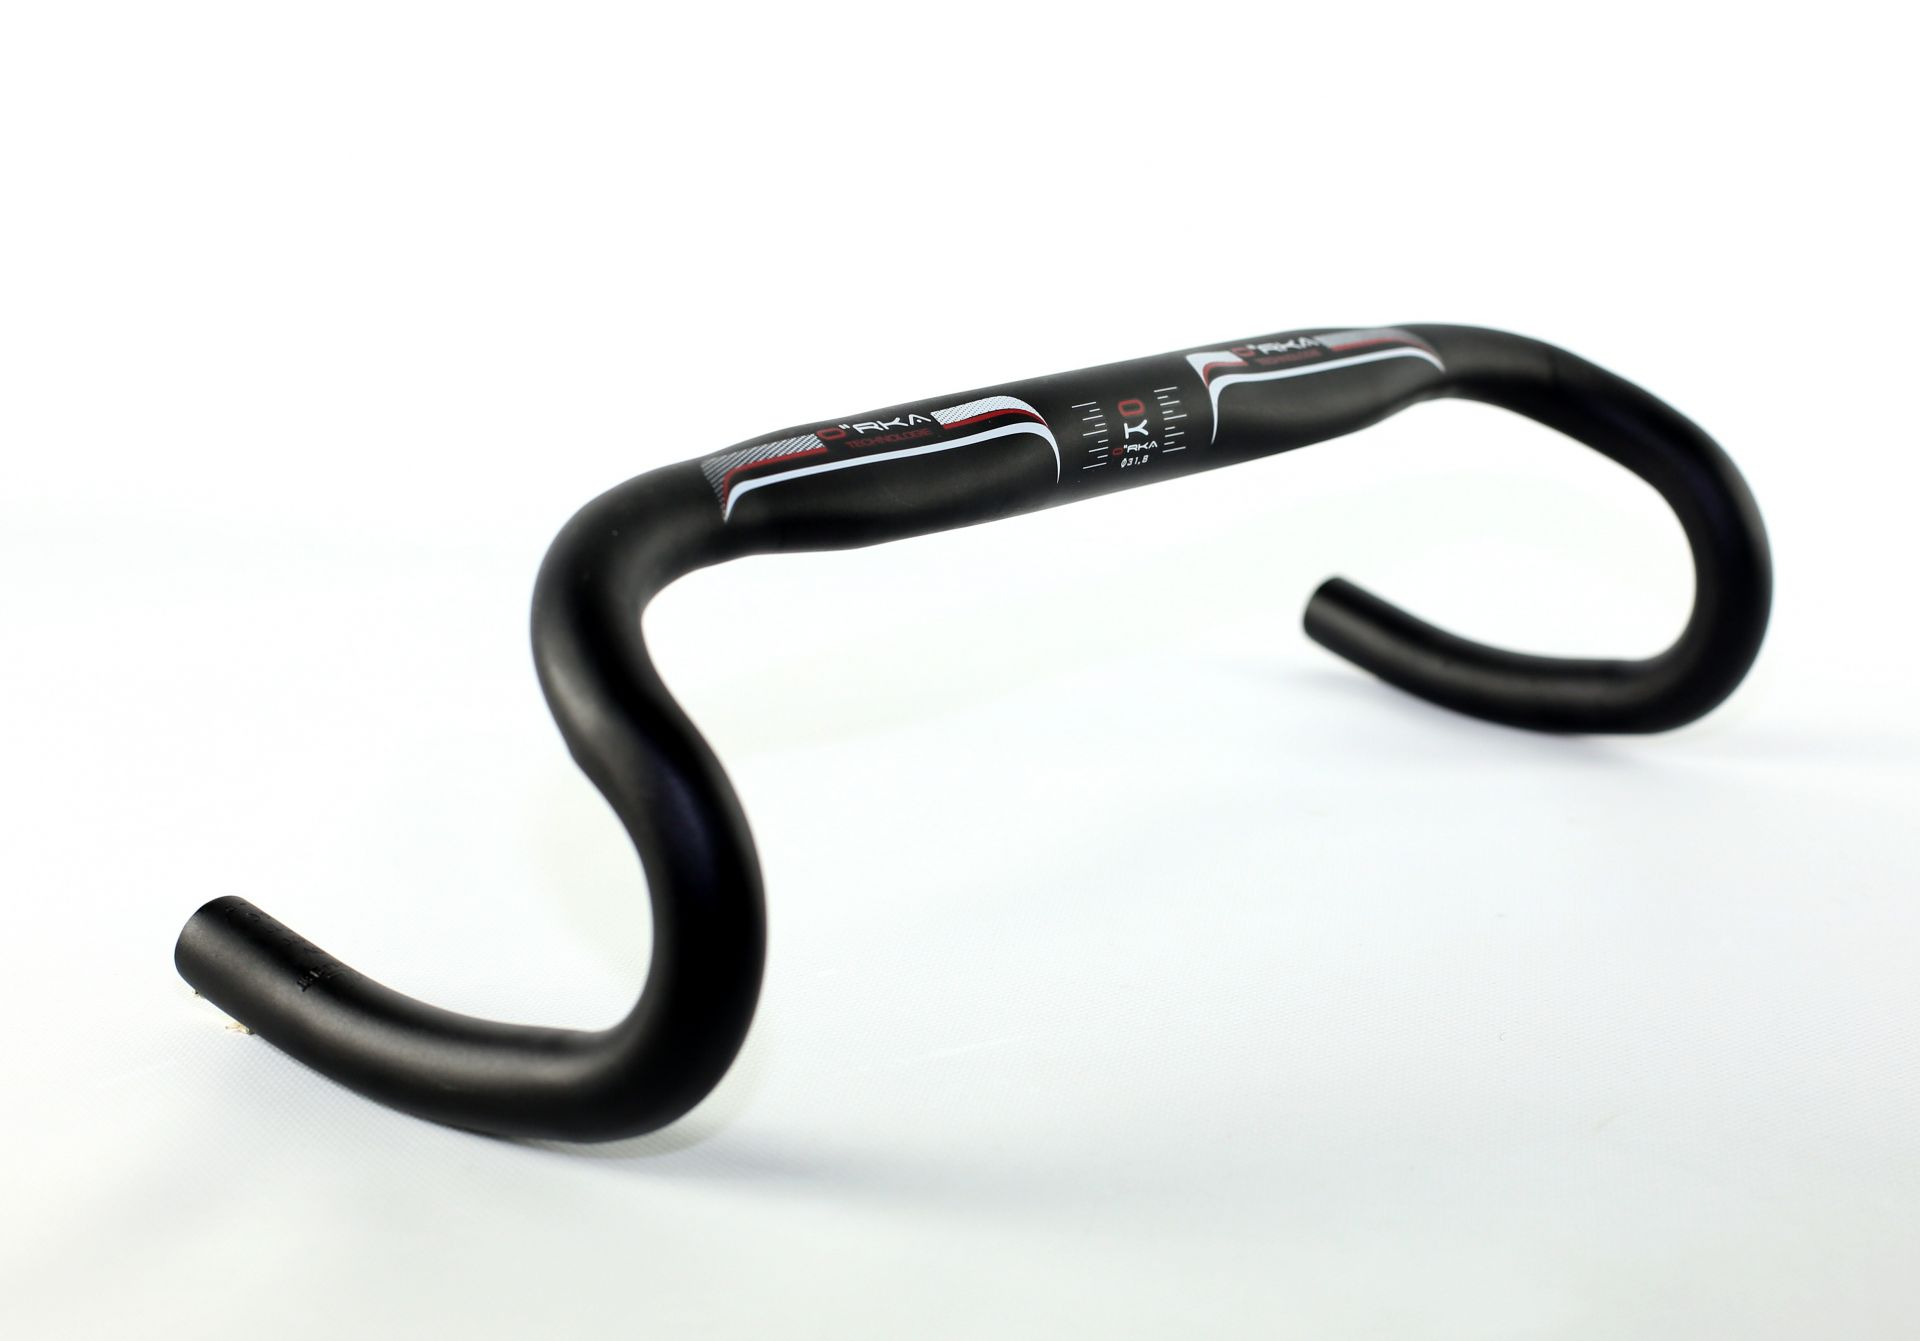 Cintre route Orka compact 31.8 420 mm Noir